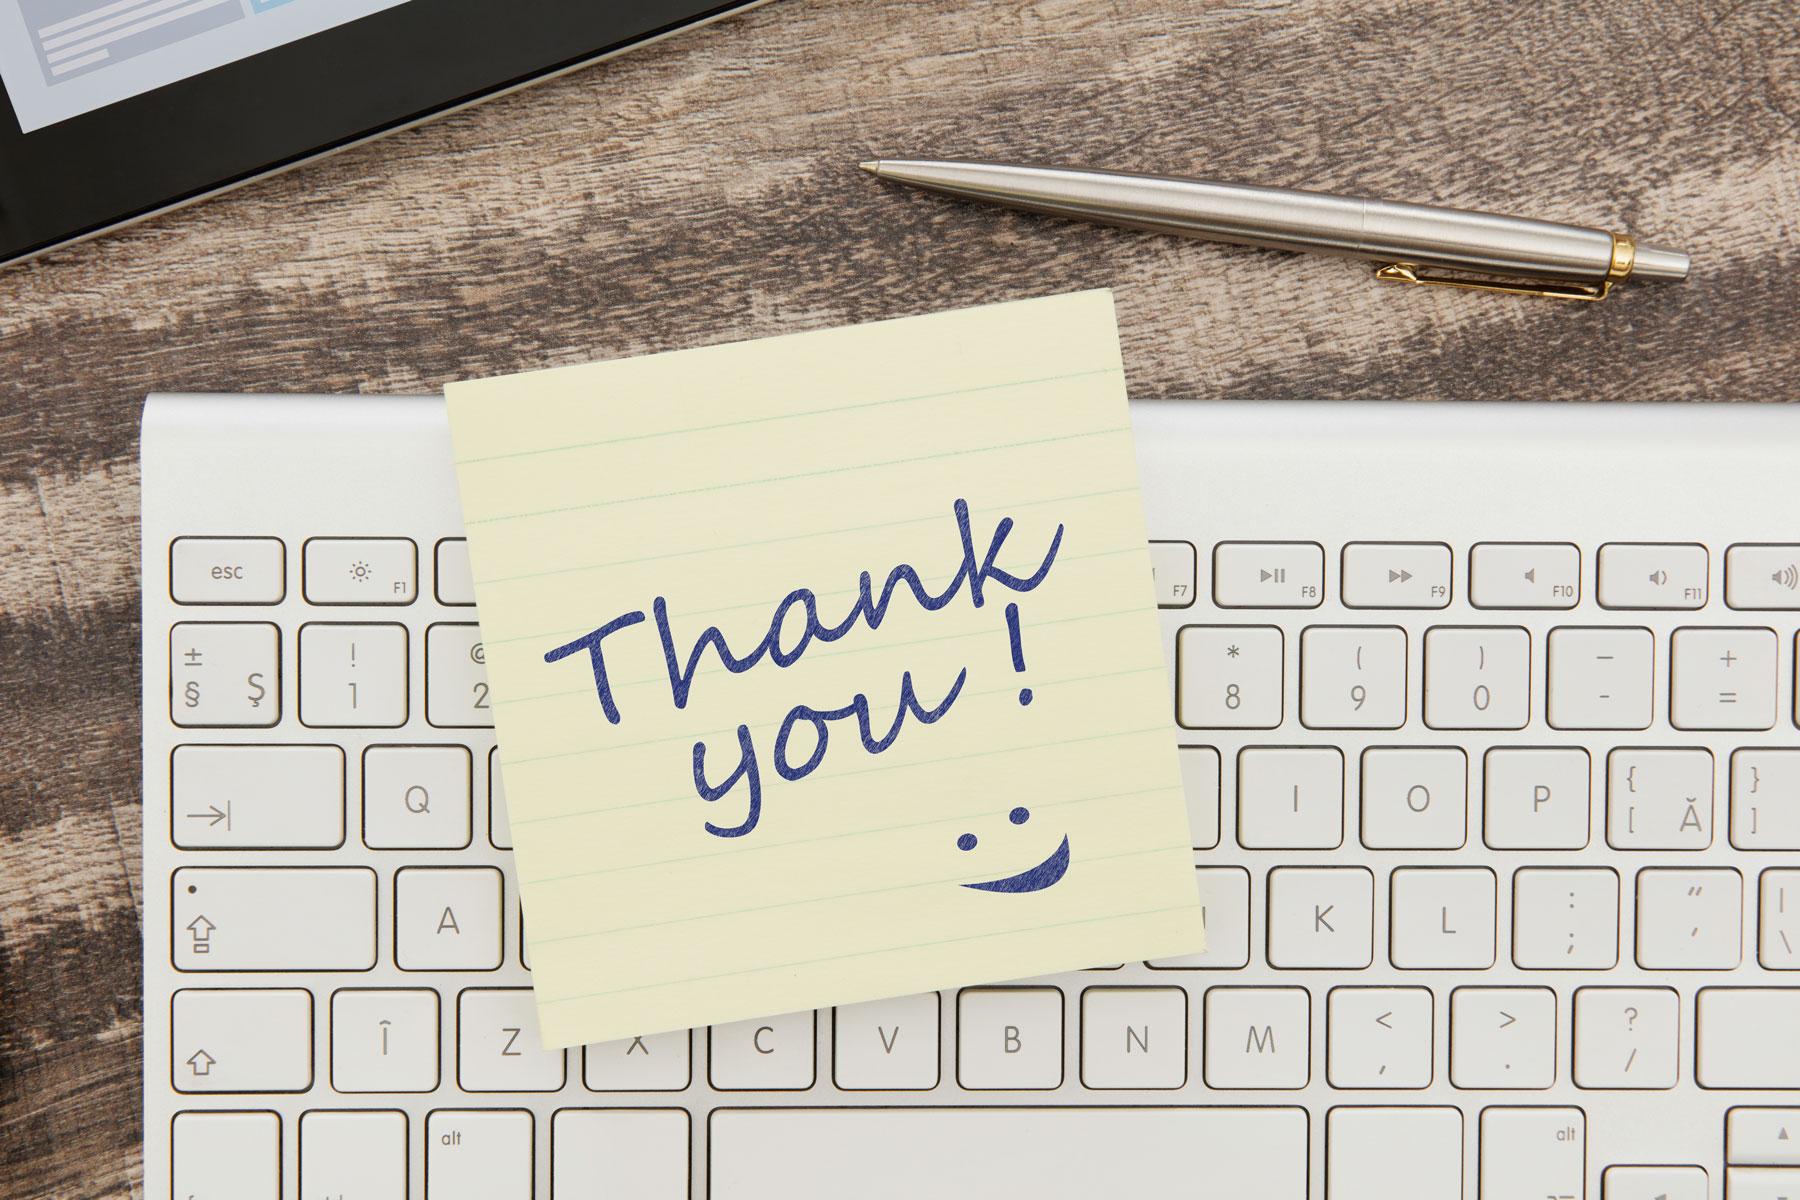 Nhân viên bị đánh giá thấp muốn 'cảm ơn' tại nơi làm việc thường xuyên hơn